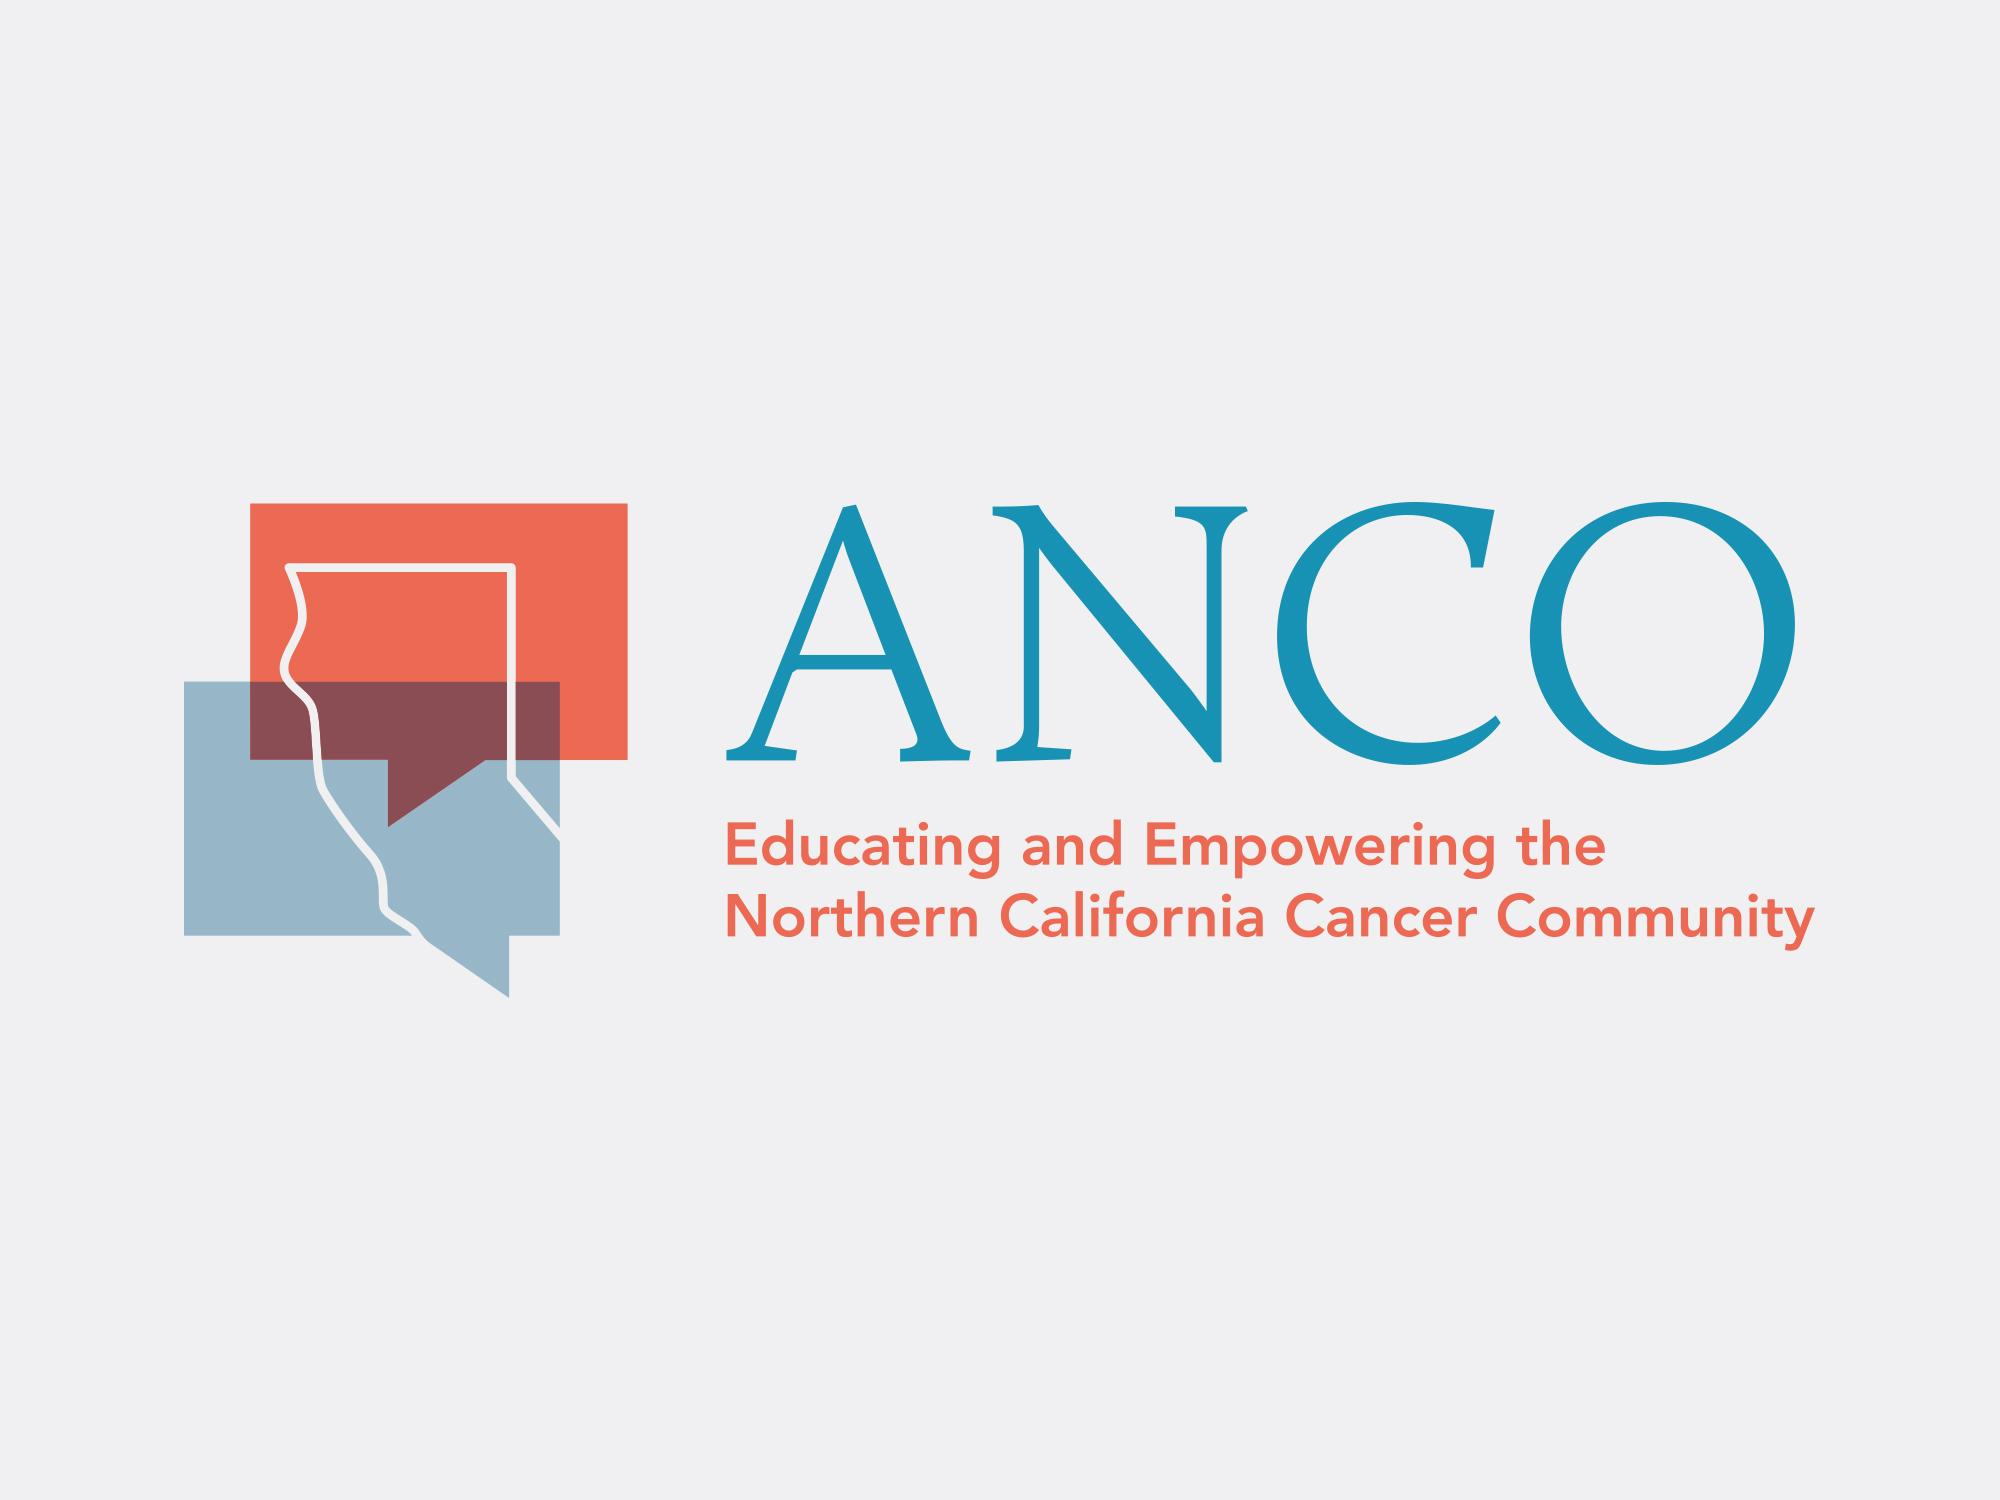 anco-logo